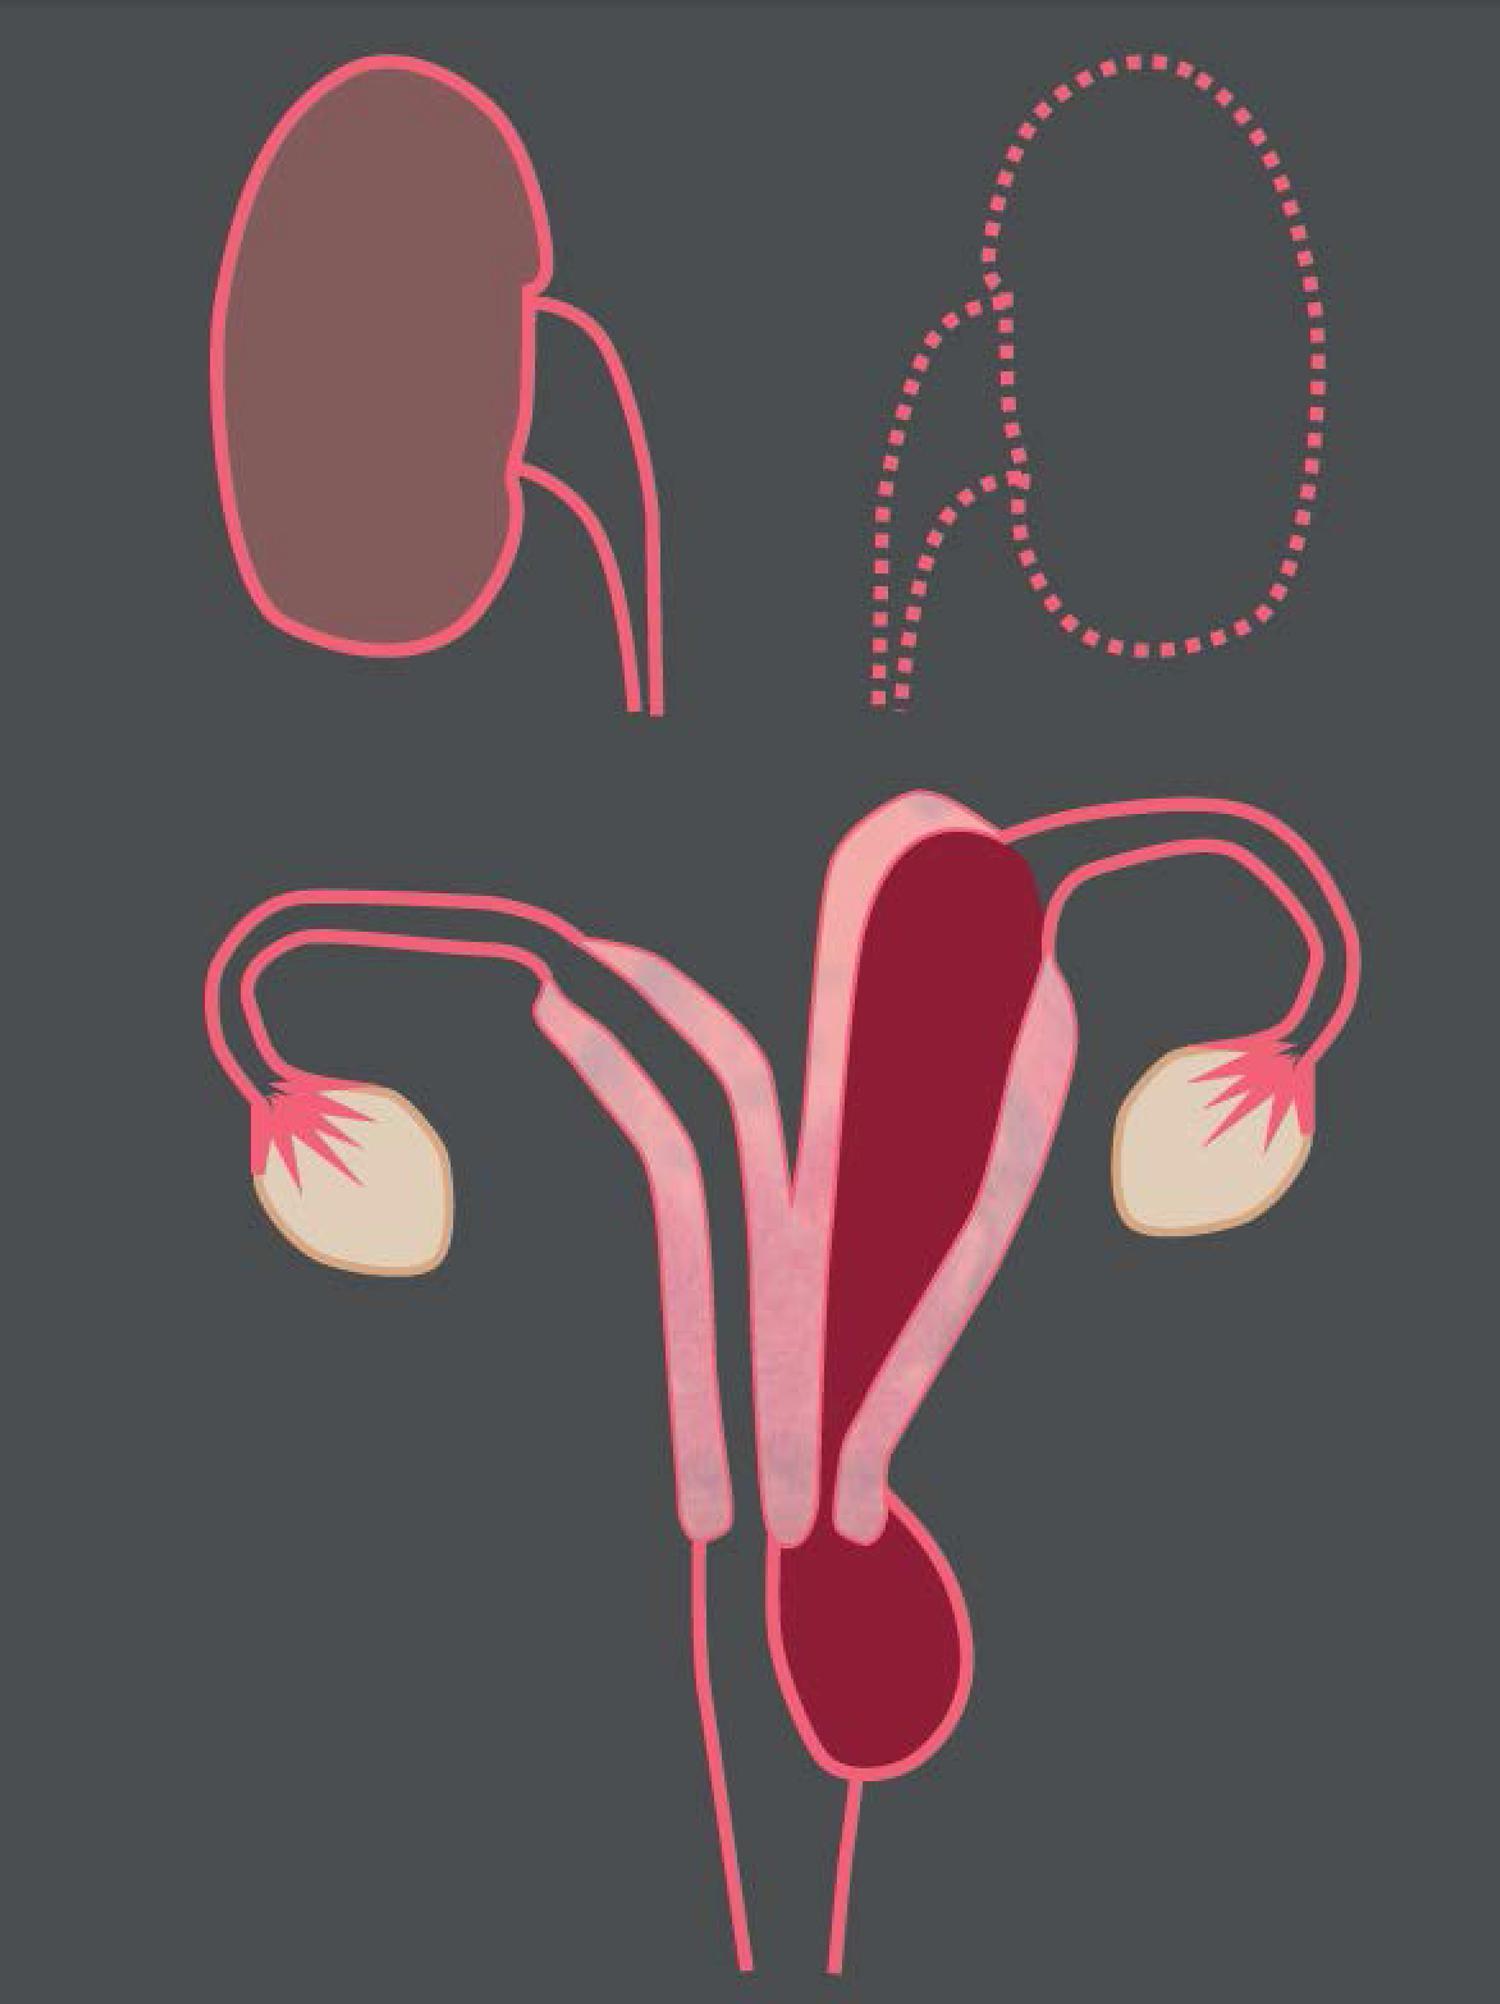 Agenesia del tercio inferior de la vagina.